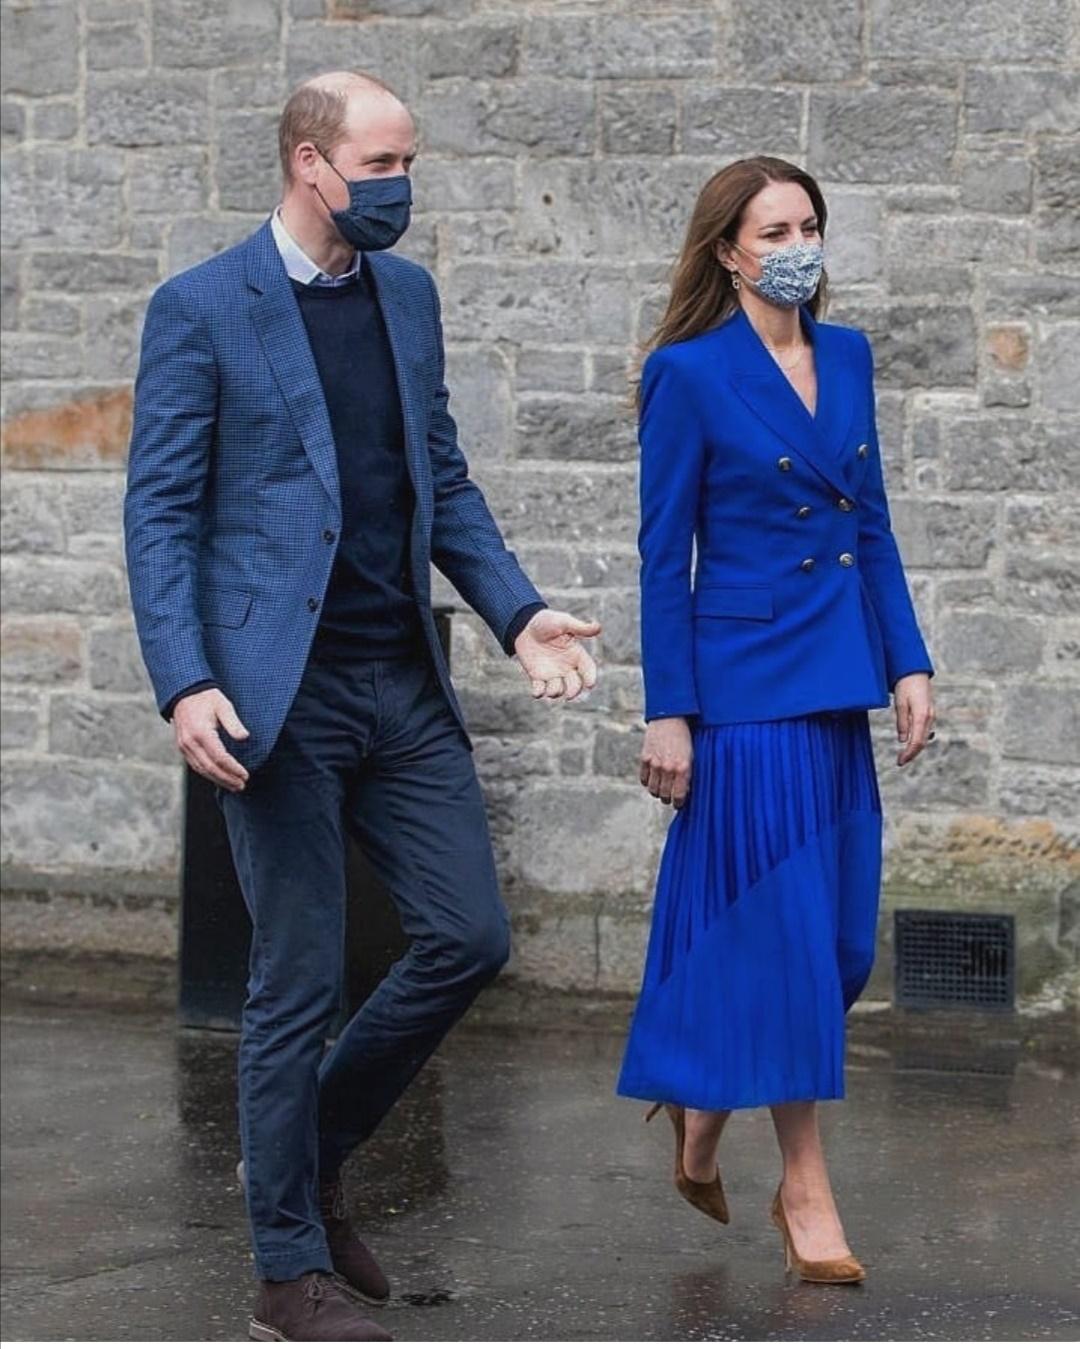 كيت تنضم لزوجها الأمير ويليام في أسكتلاندا- الصورة من حساب Cambridge royal على إنستغرام